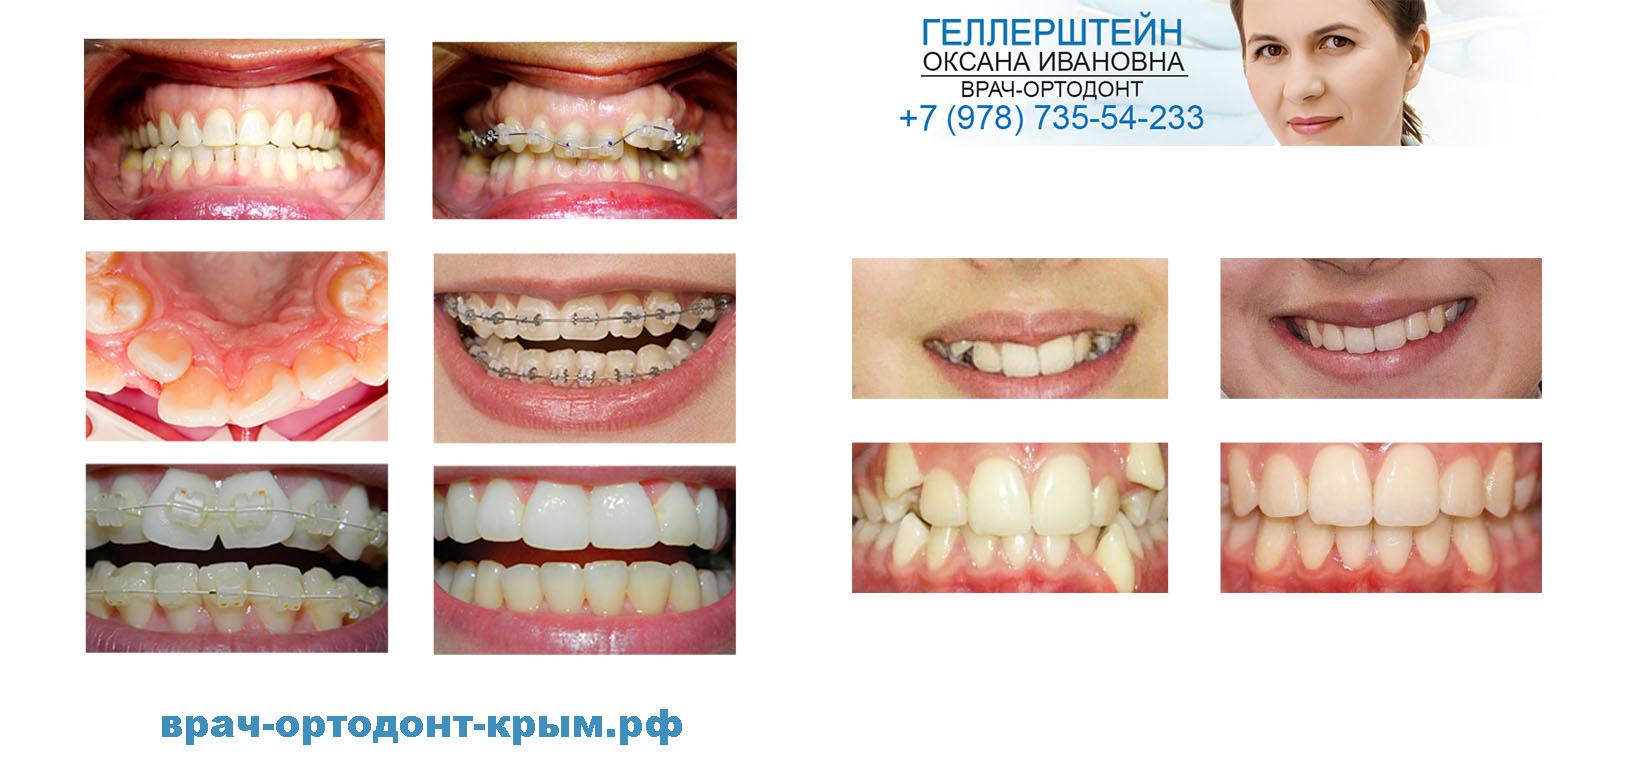 luchiy ortodont simferopol